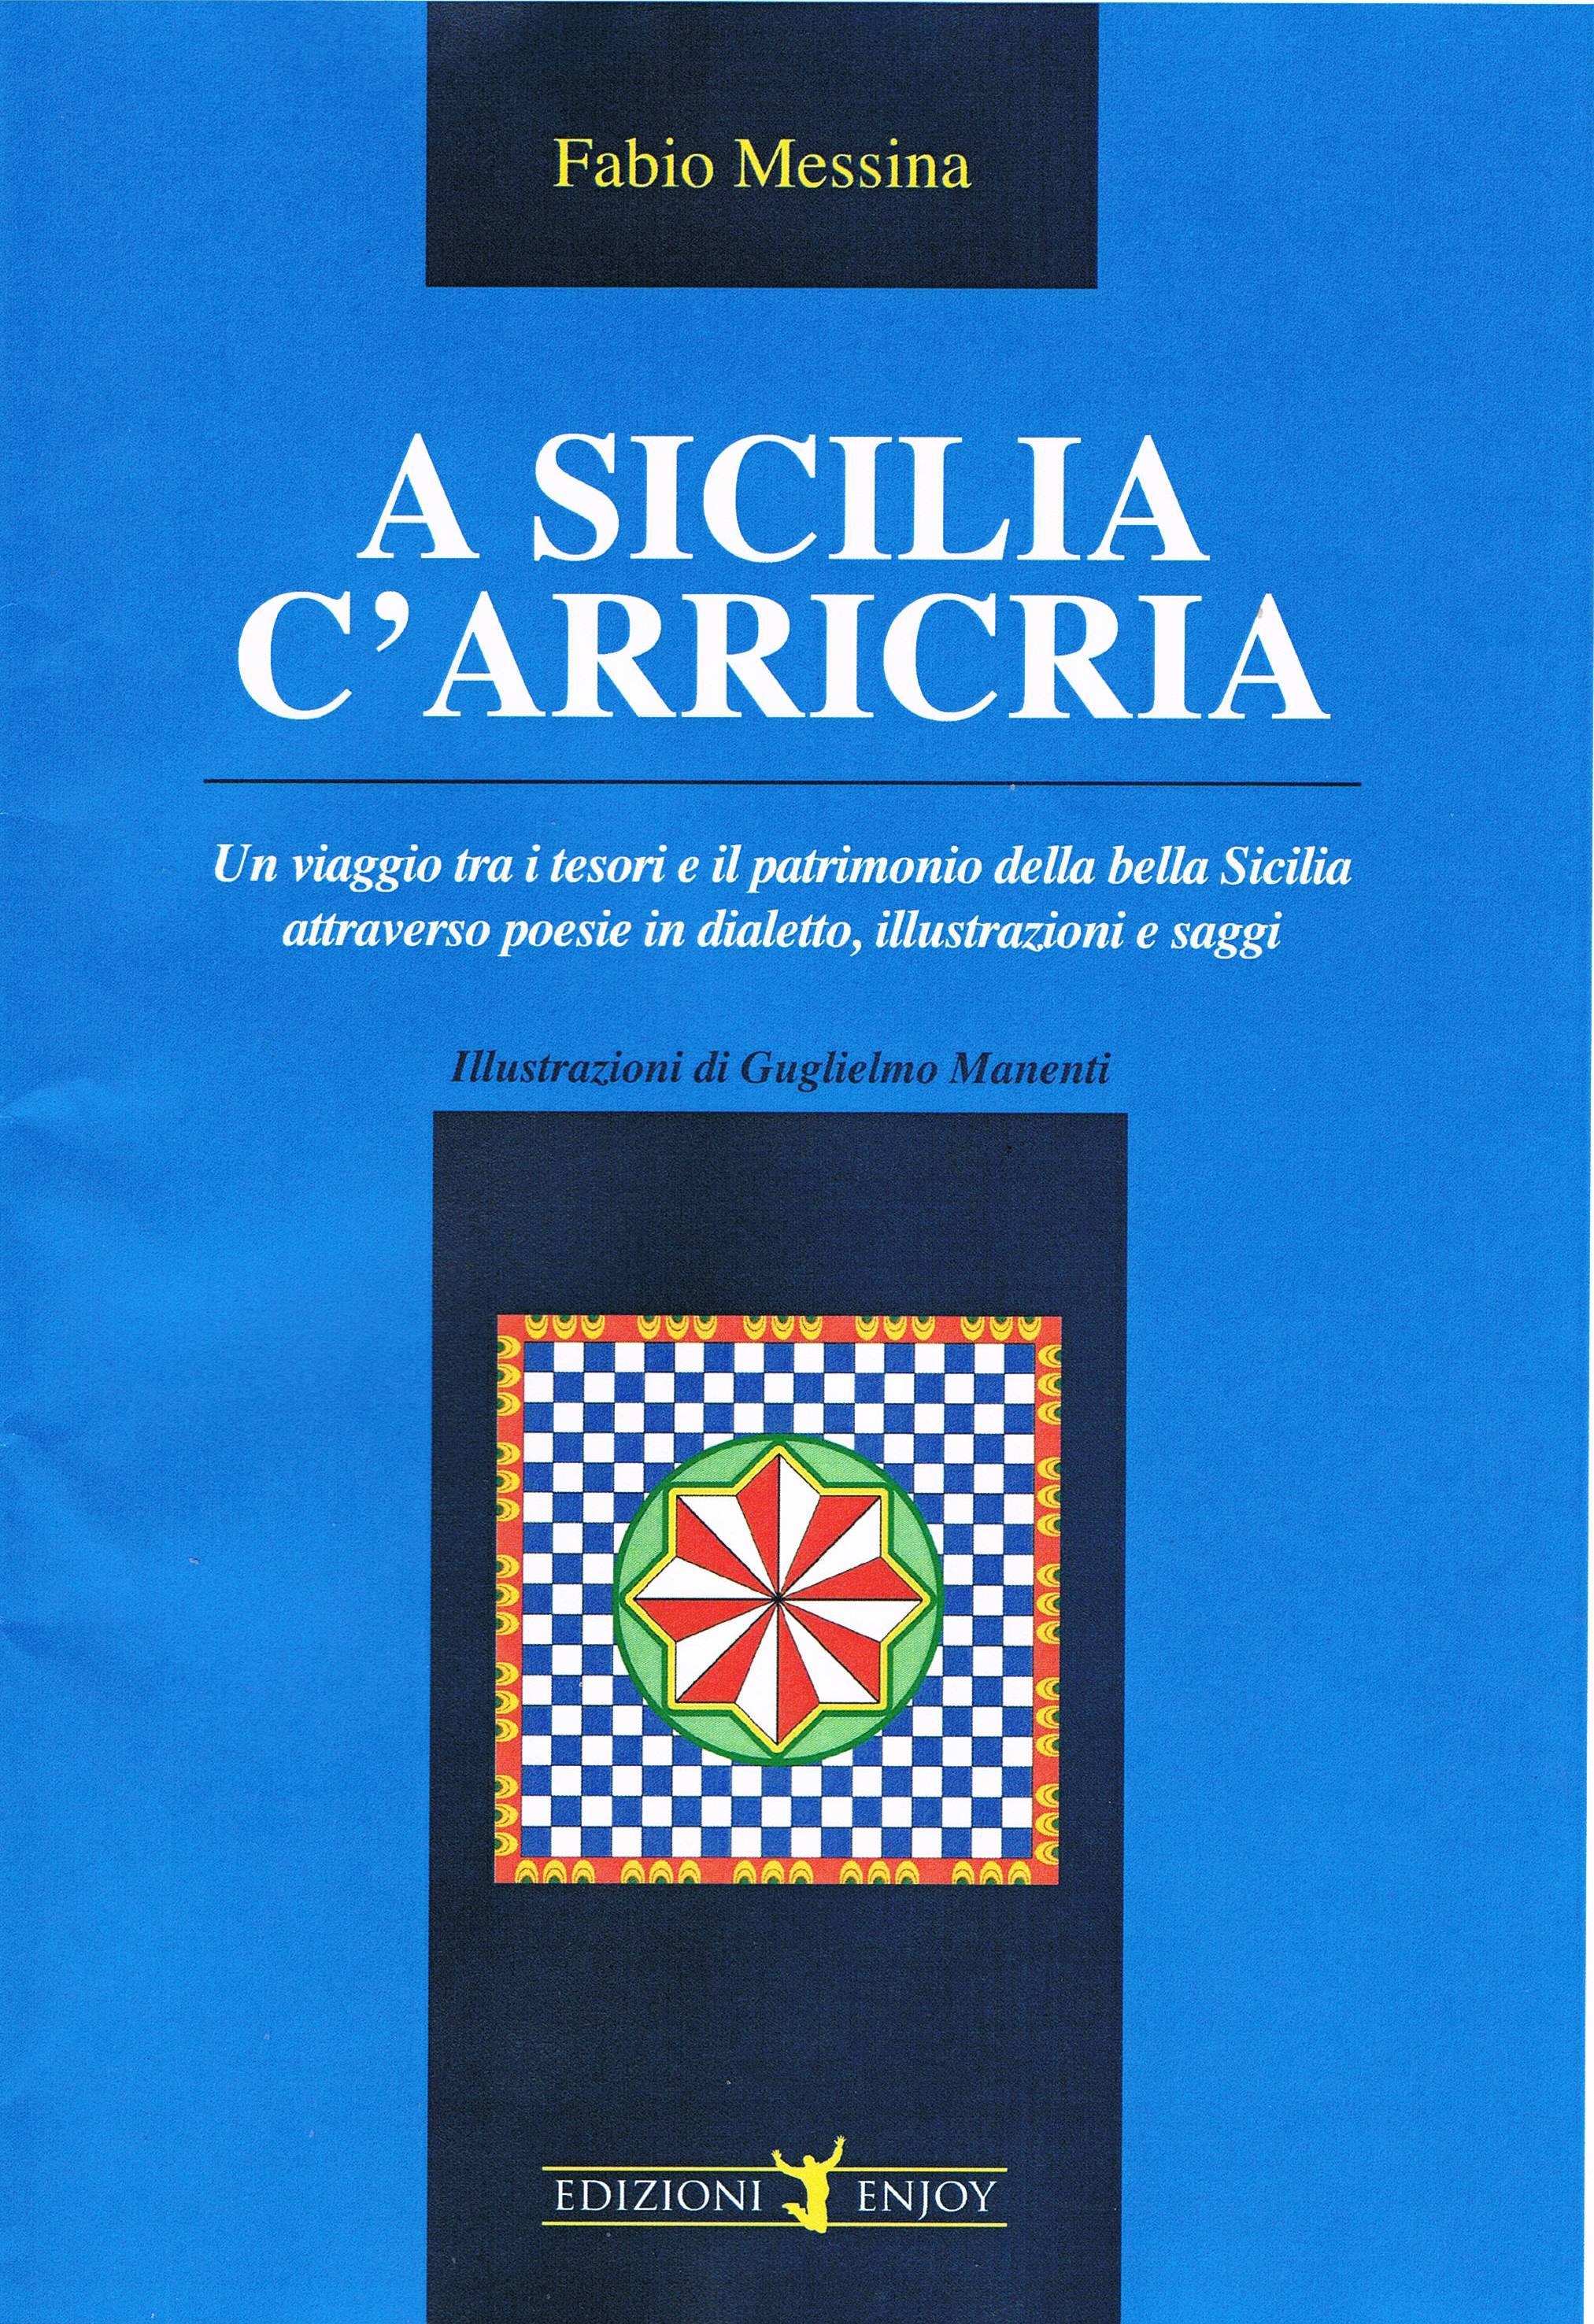 Copertina del libro di Fabio Messina